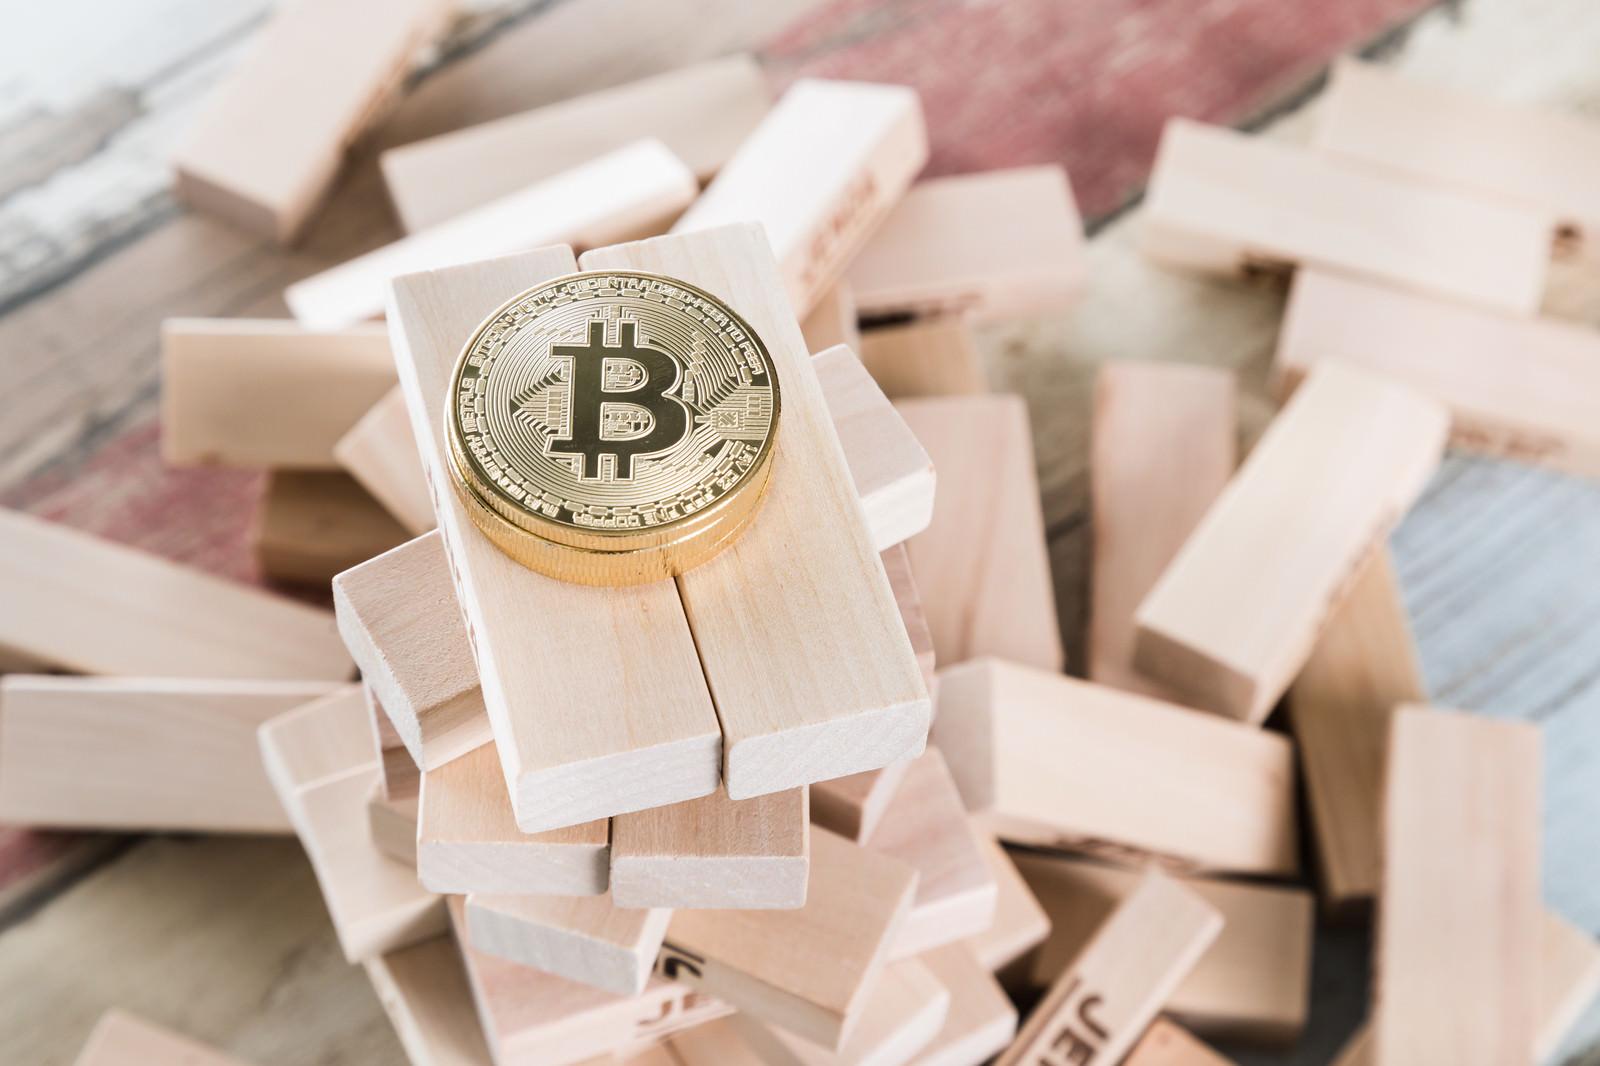 「不安定なビットコイン」の写真